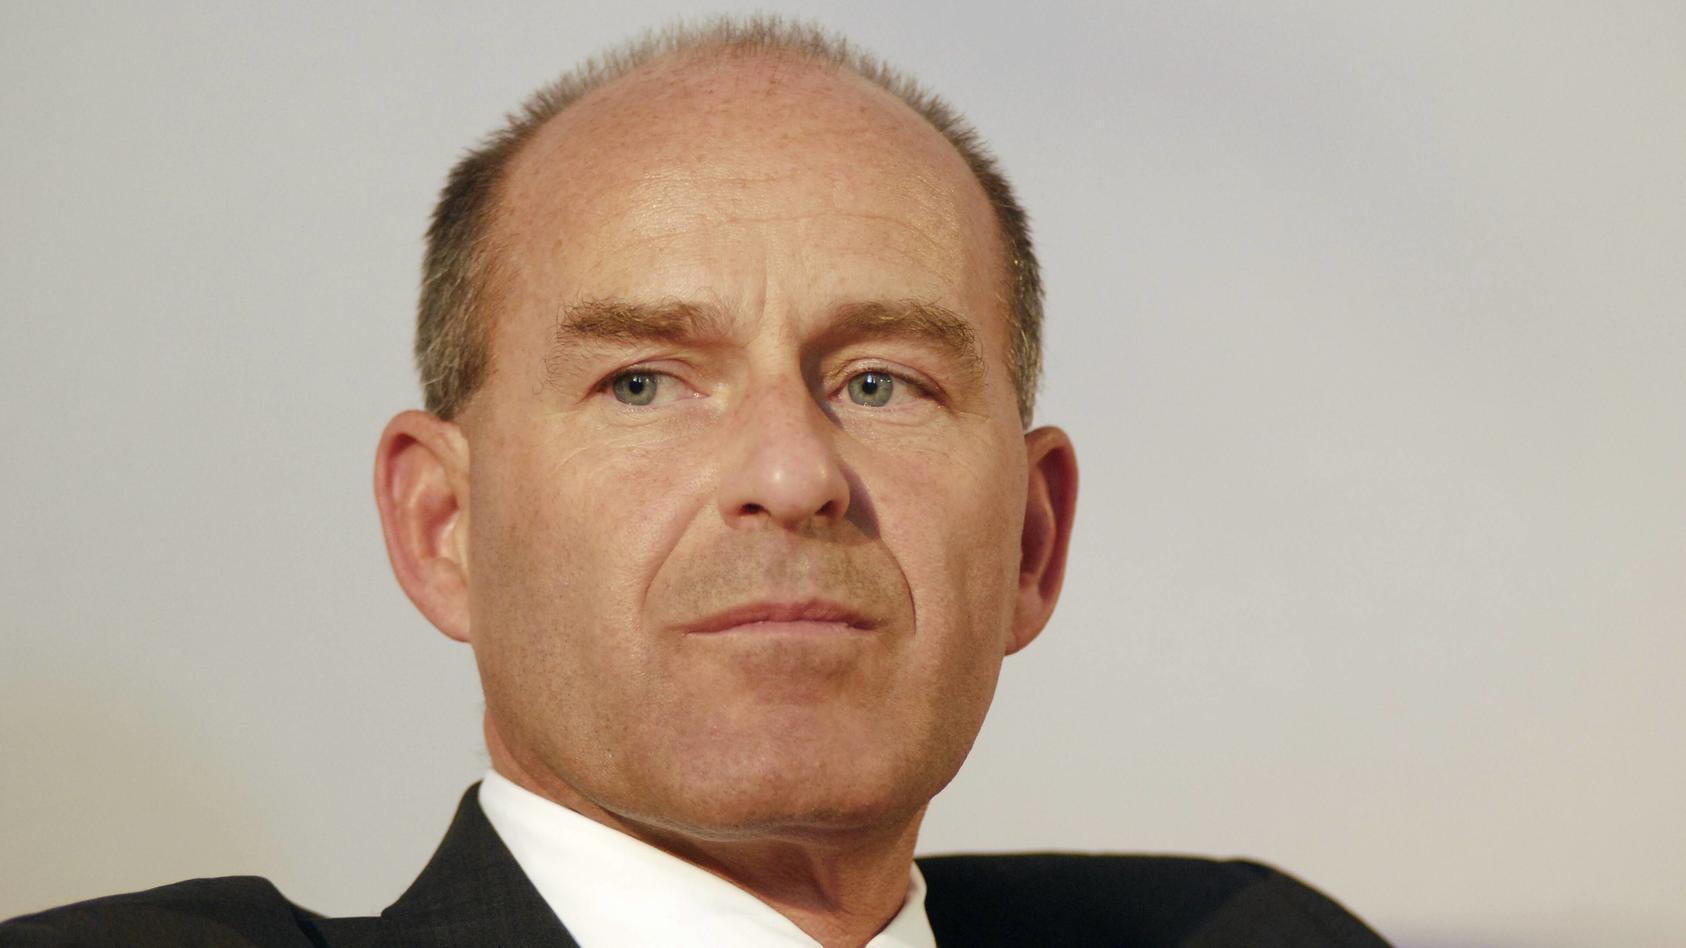 Ex-Tengelmann-Chef Karl-Erivan Haub soll eine russische Geliebte gehabt haben und jahrelang ein Doppelleben geführt haben.